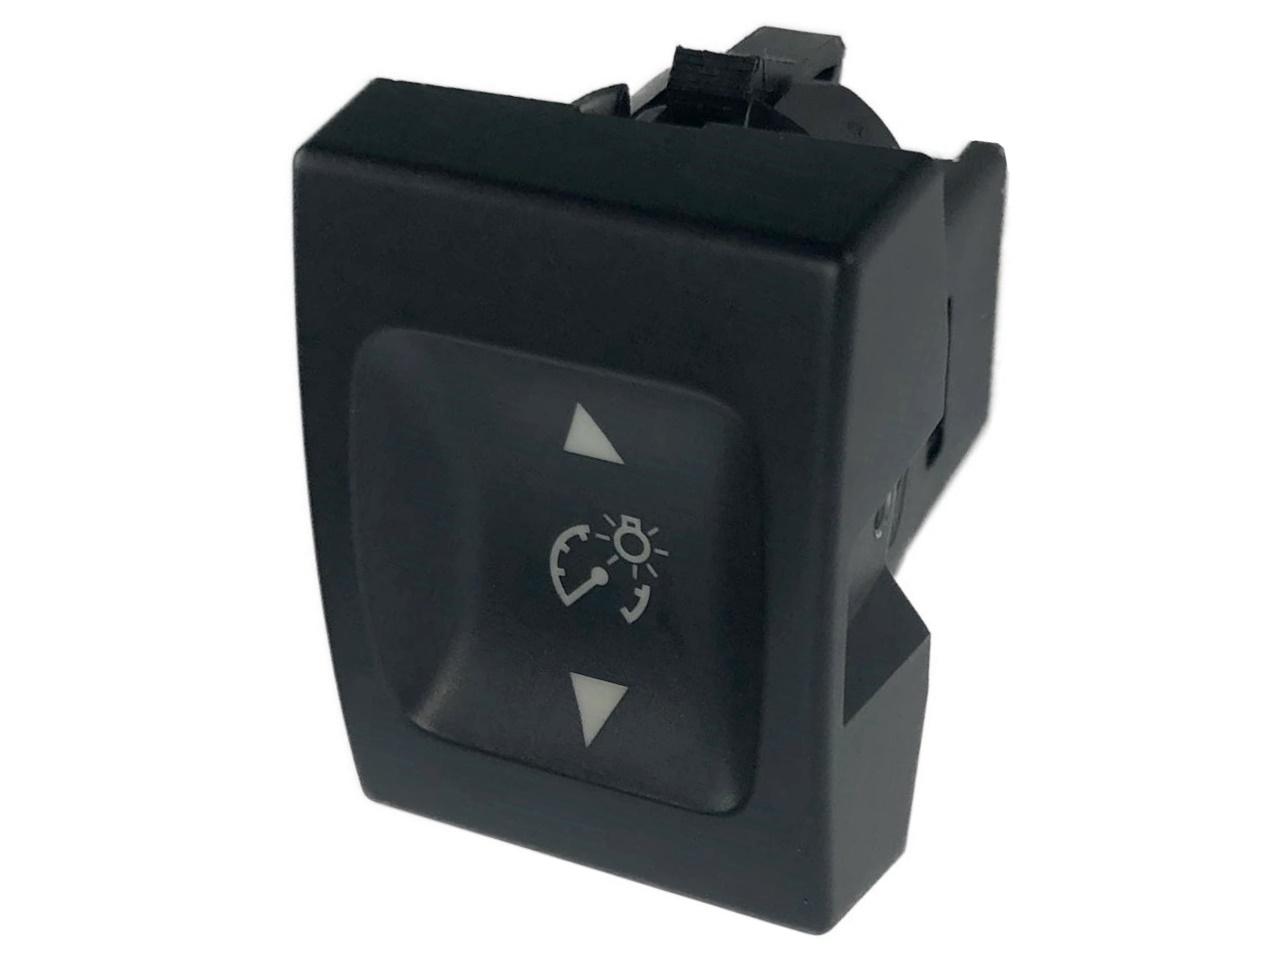 Botão Interruptor Reostato Regulagem de Luz Iluminação do Painel 9e5t11691afw Ford Fusion 010 011 012